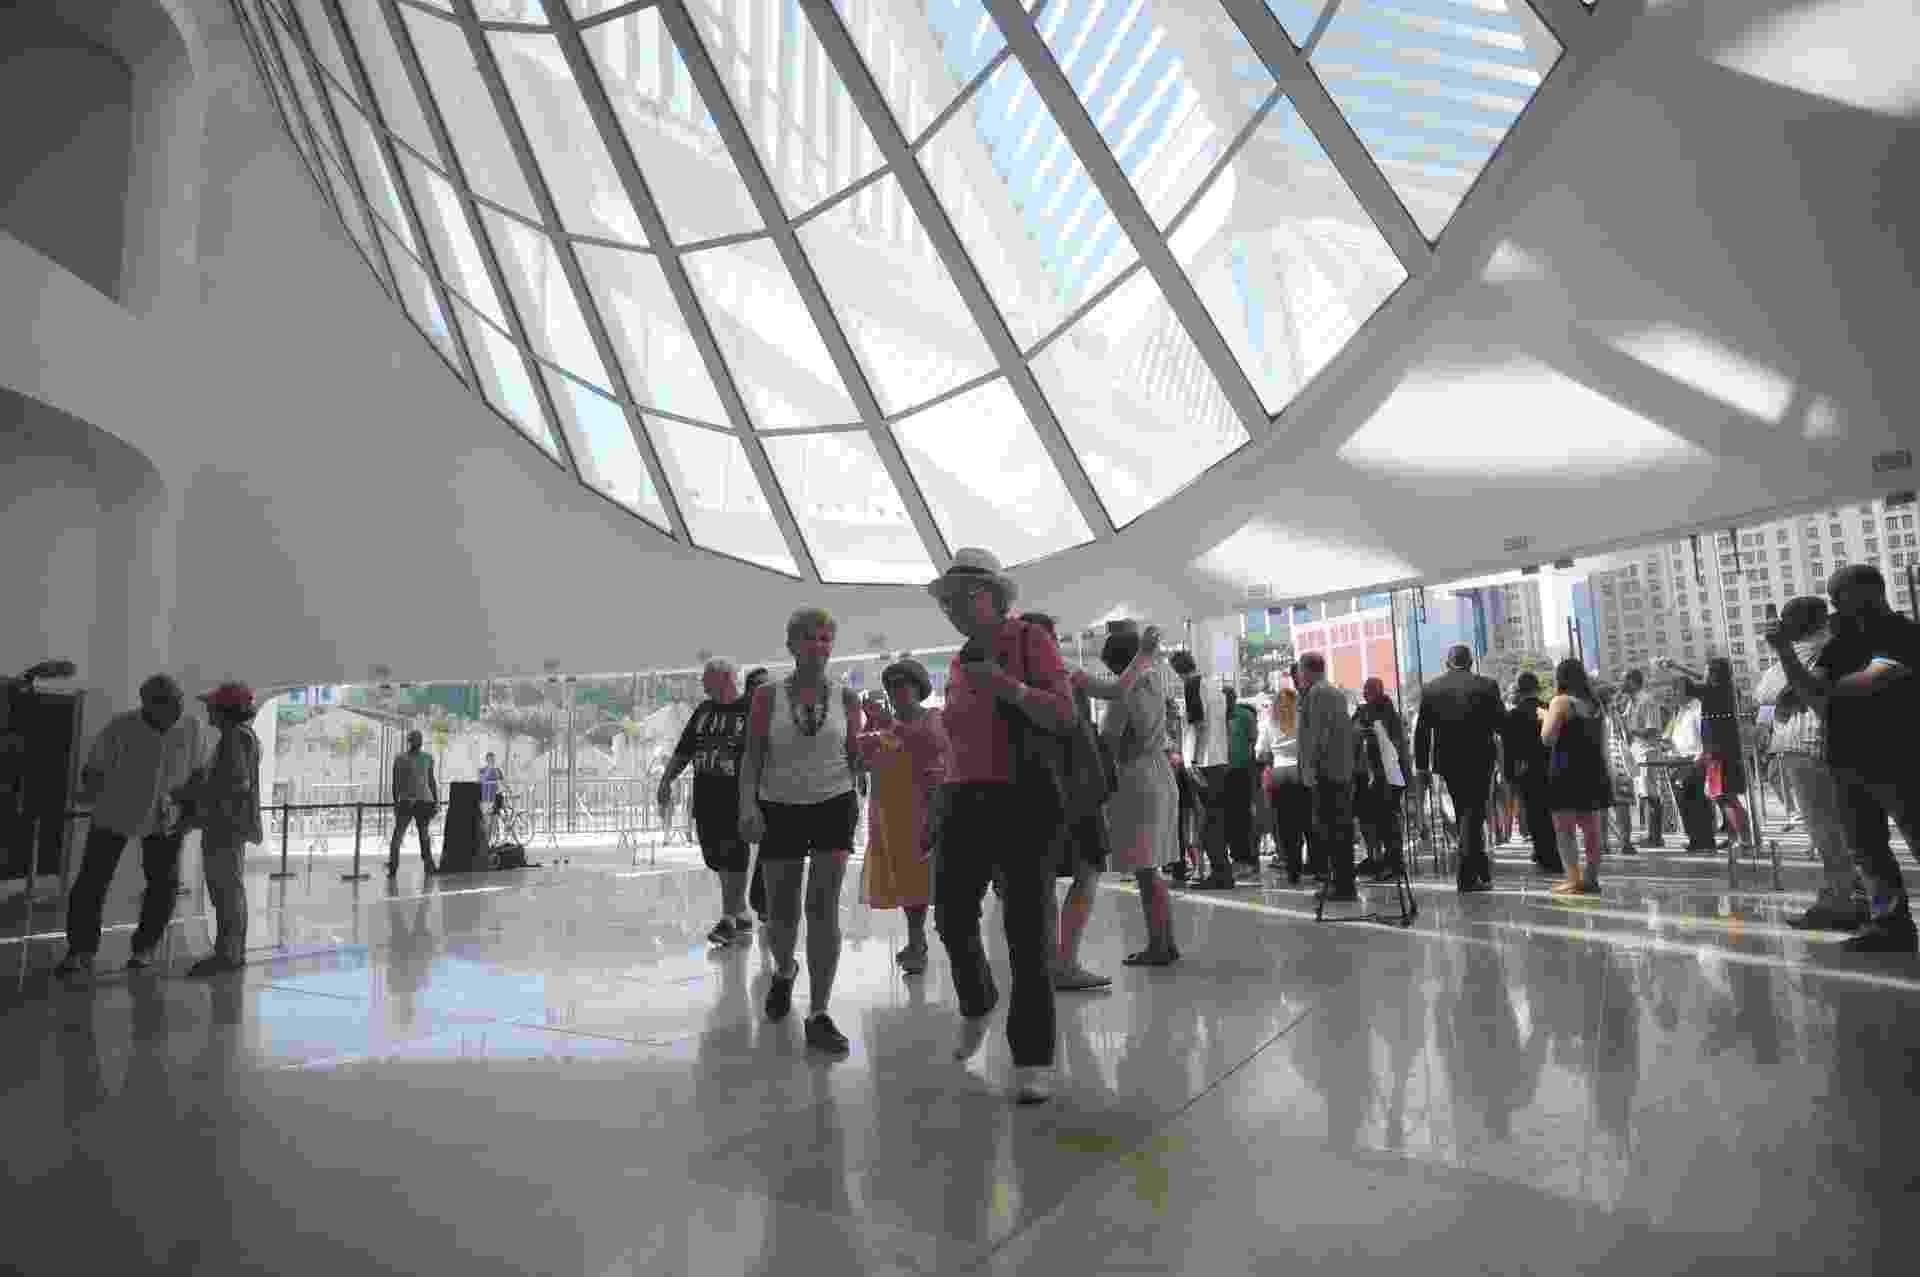 19.dez.2015 - Museu do Amanhã é inaugurado na Praça Mauá, Zona Portuária do Rio de Janeiro - Fabio Teixeira /UOL